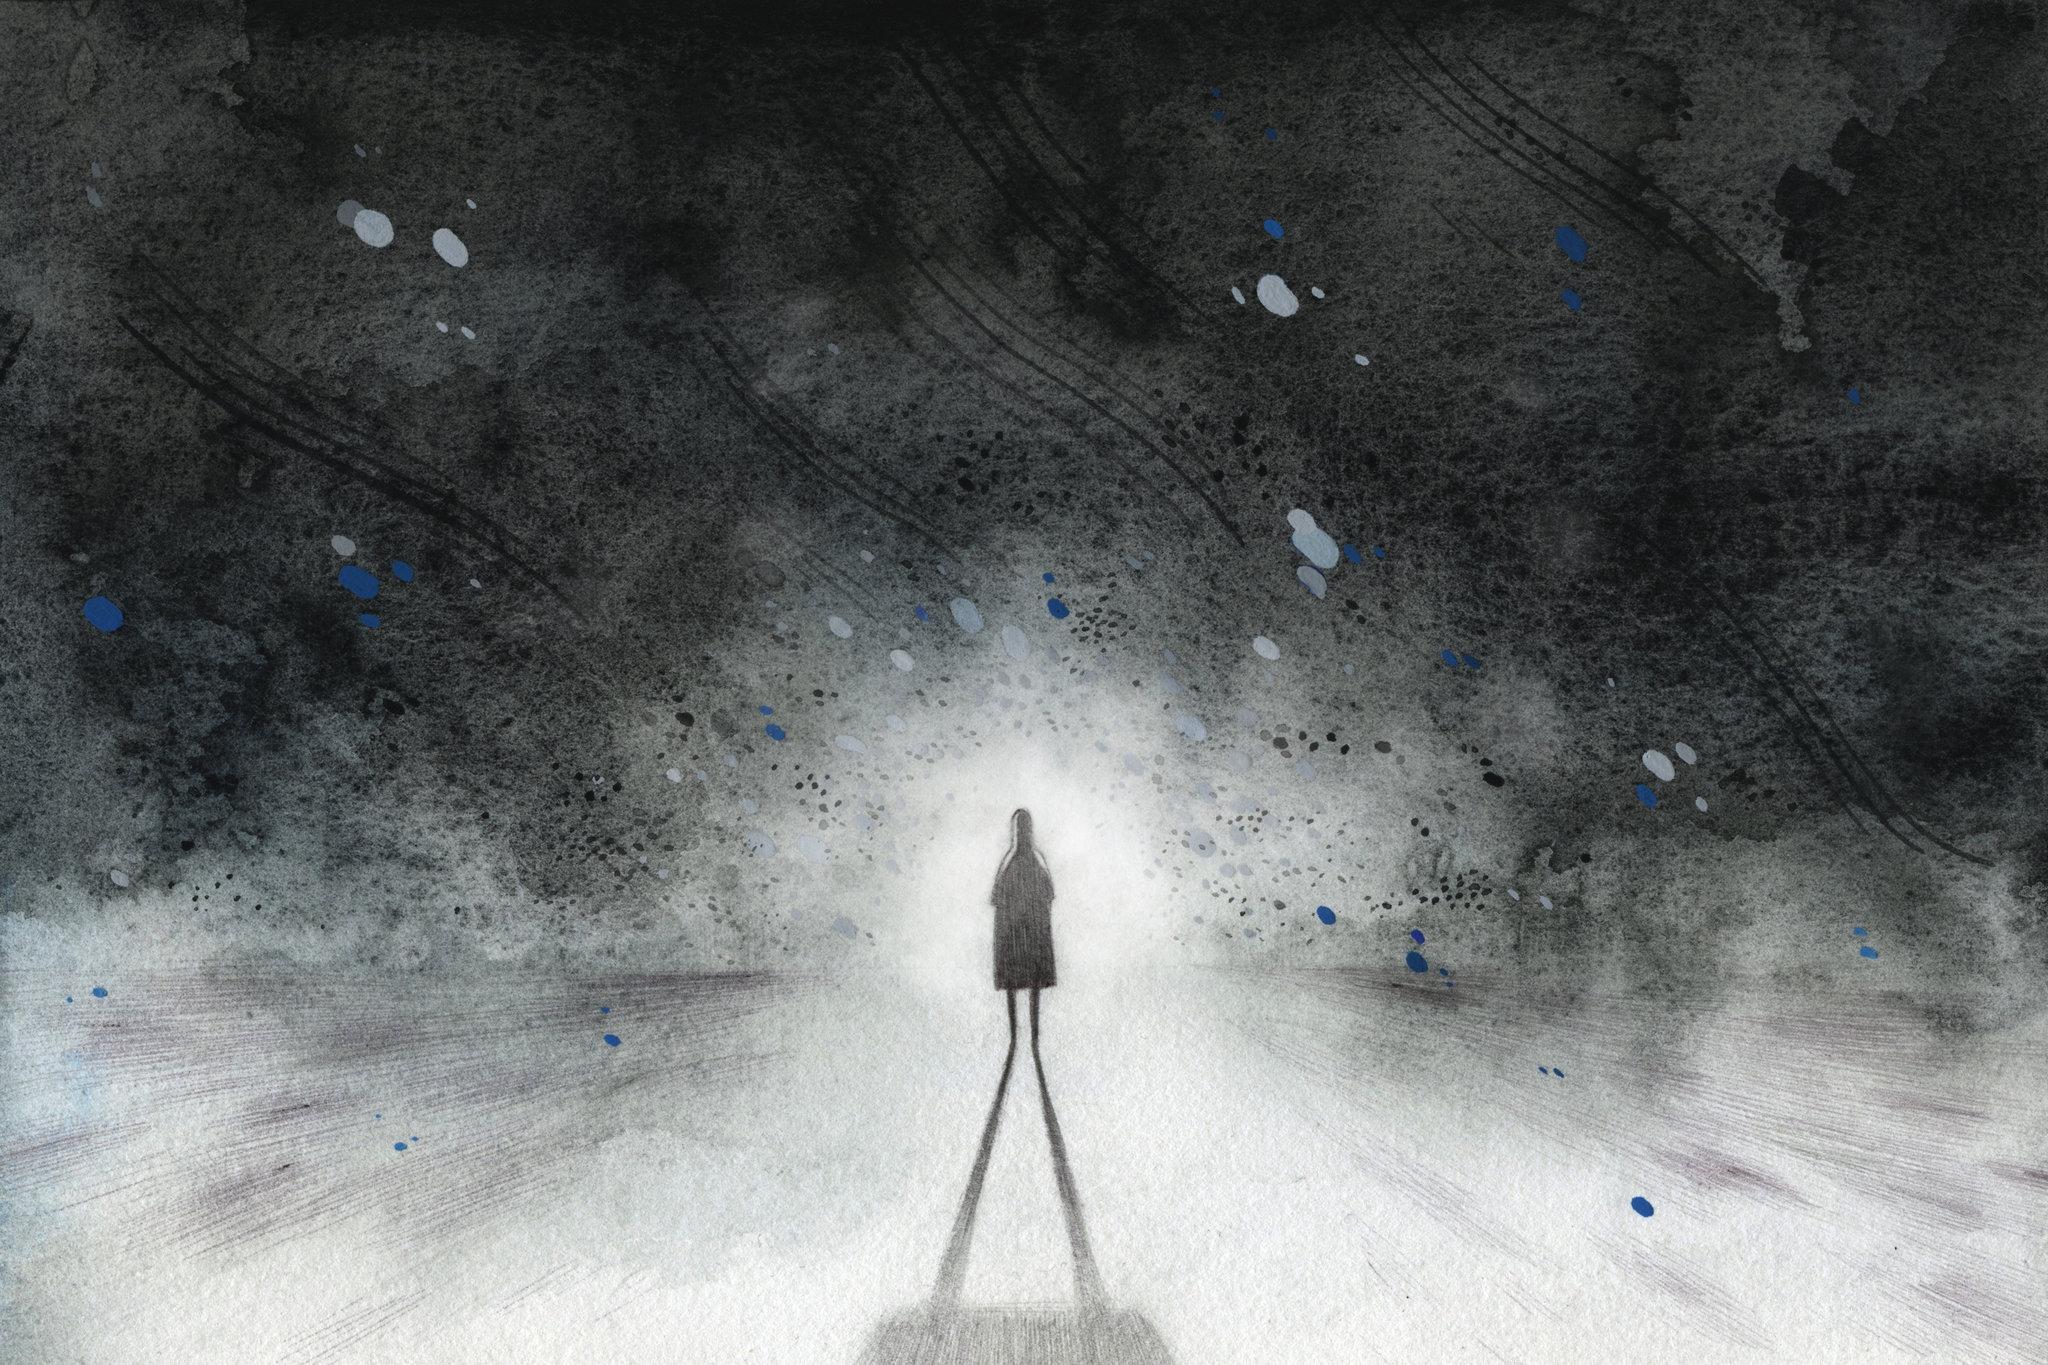 Συναίσθημα Φόβου: Αιτίες και αντιμετώπιση